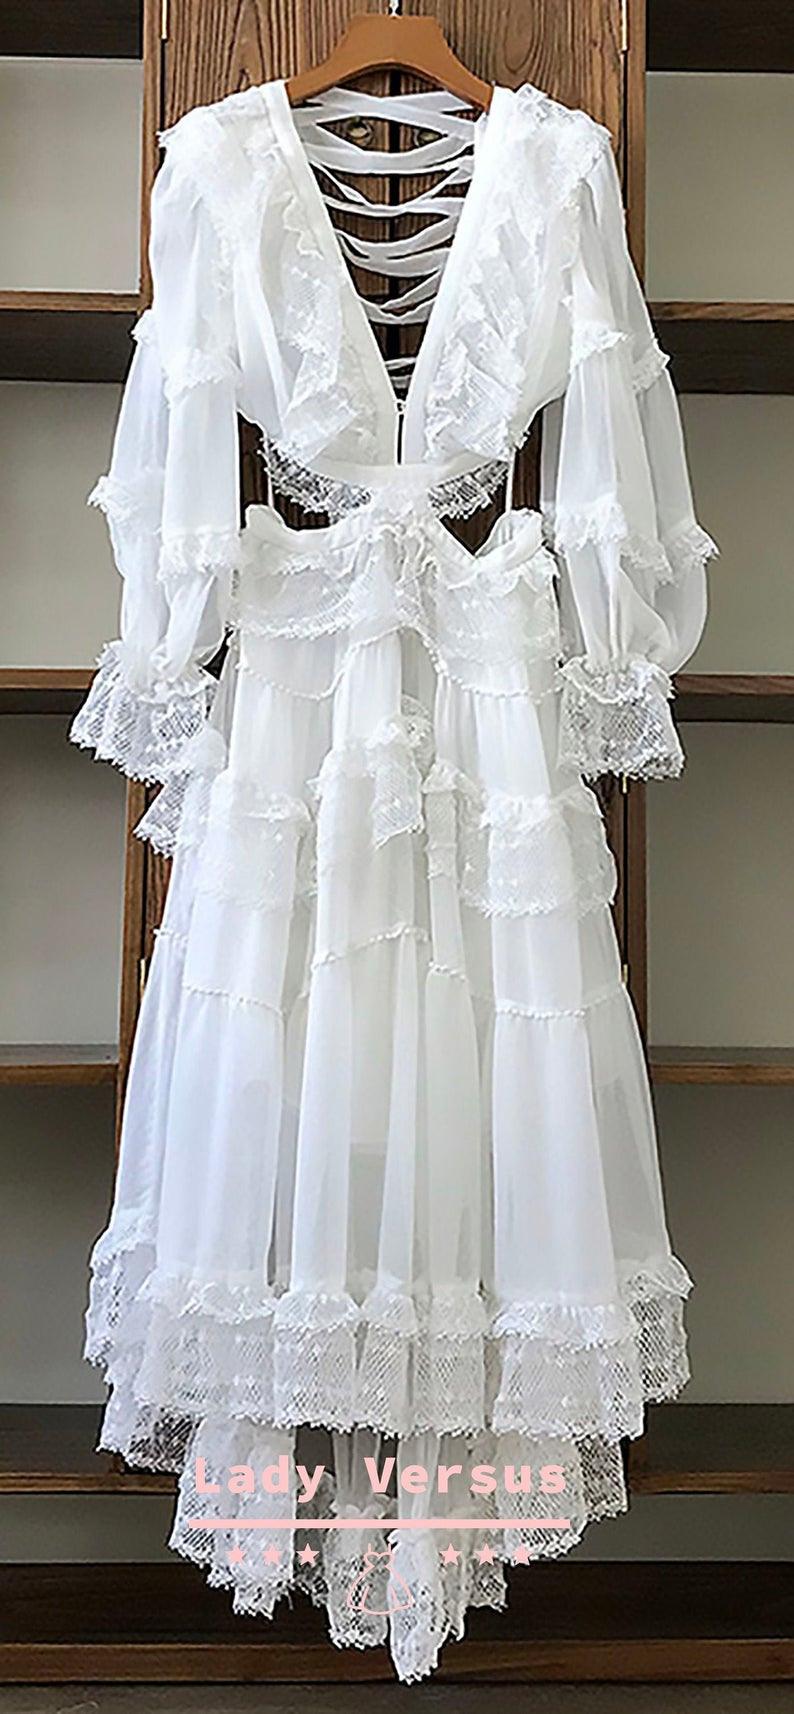 Boho Hochzeit Weiß Kleid / Kleid Für Fotoshooting